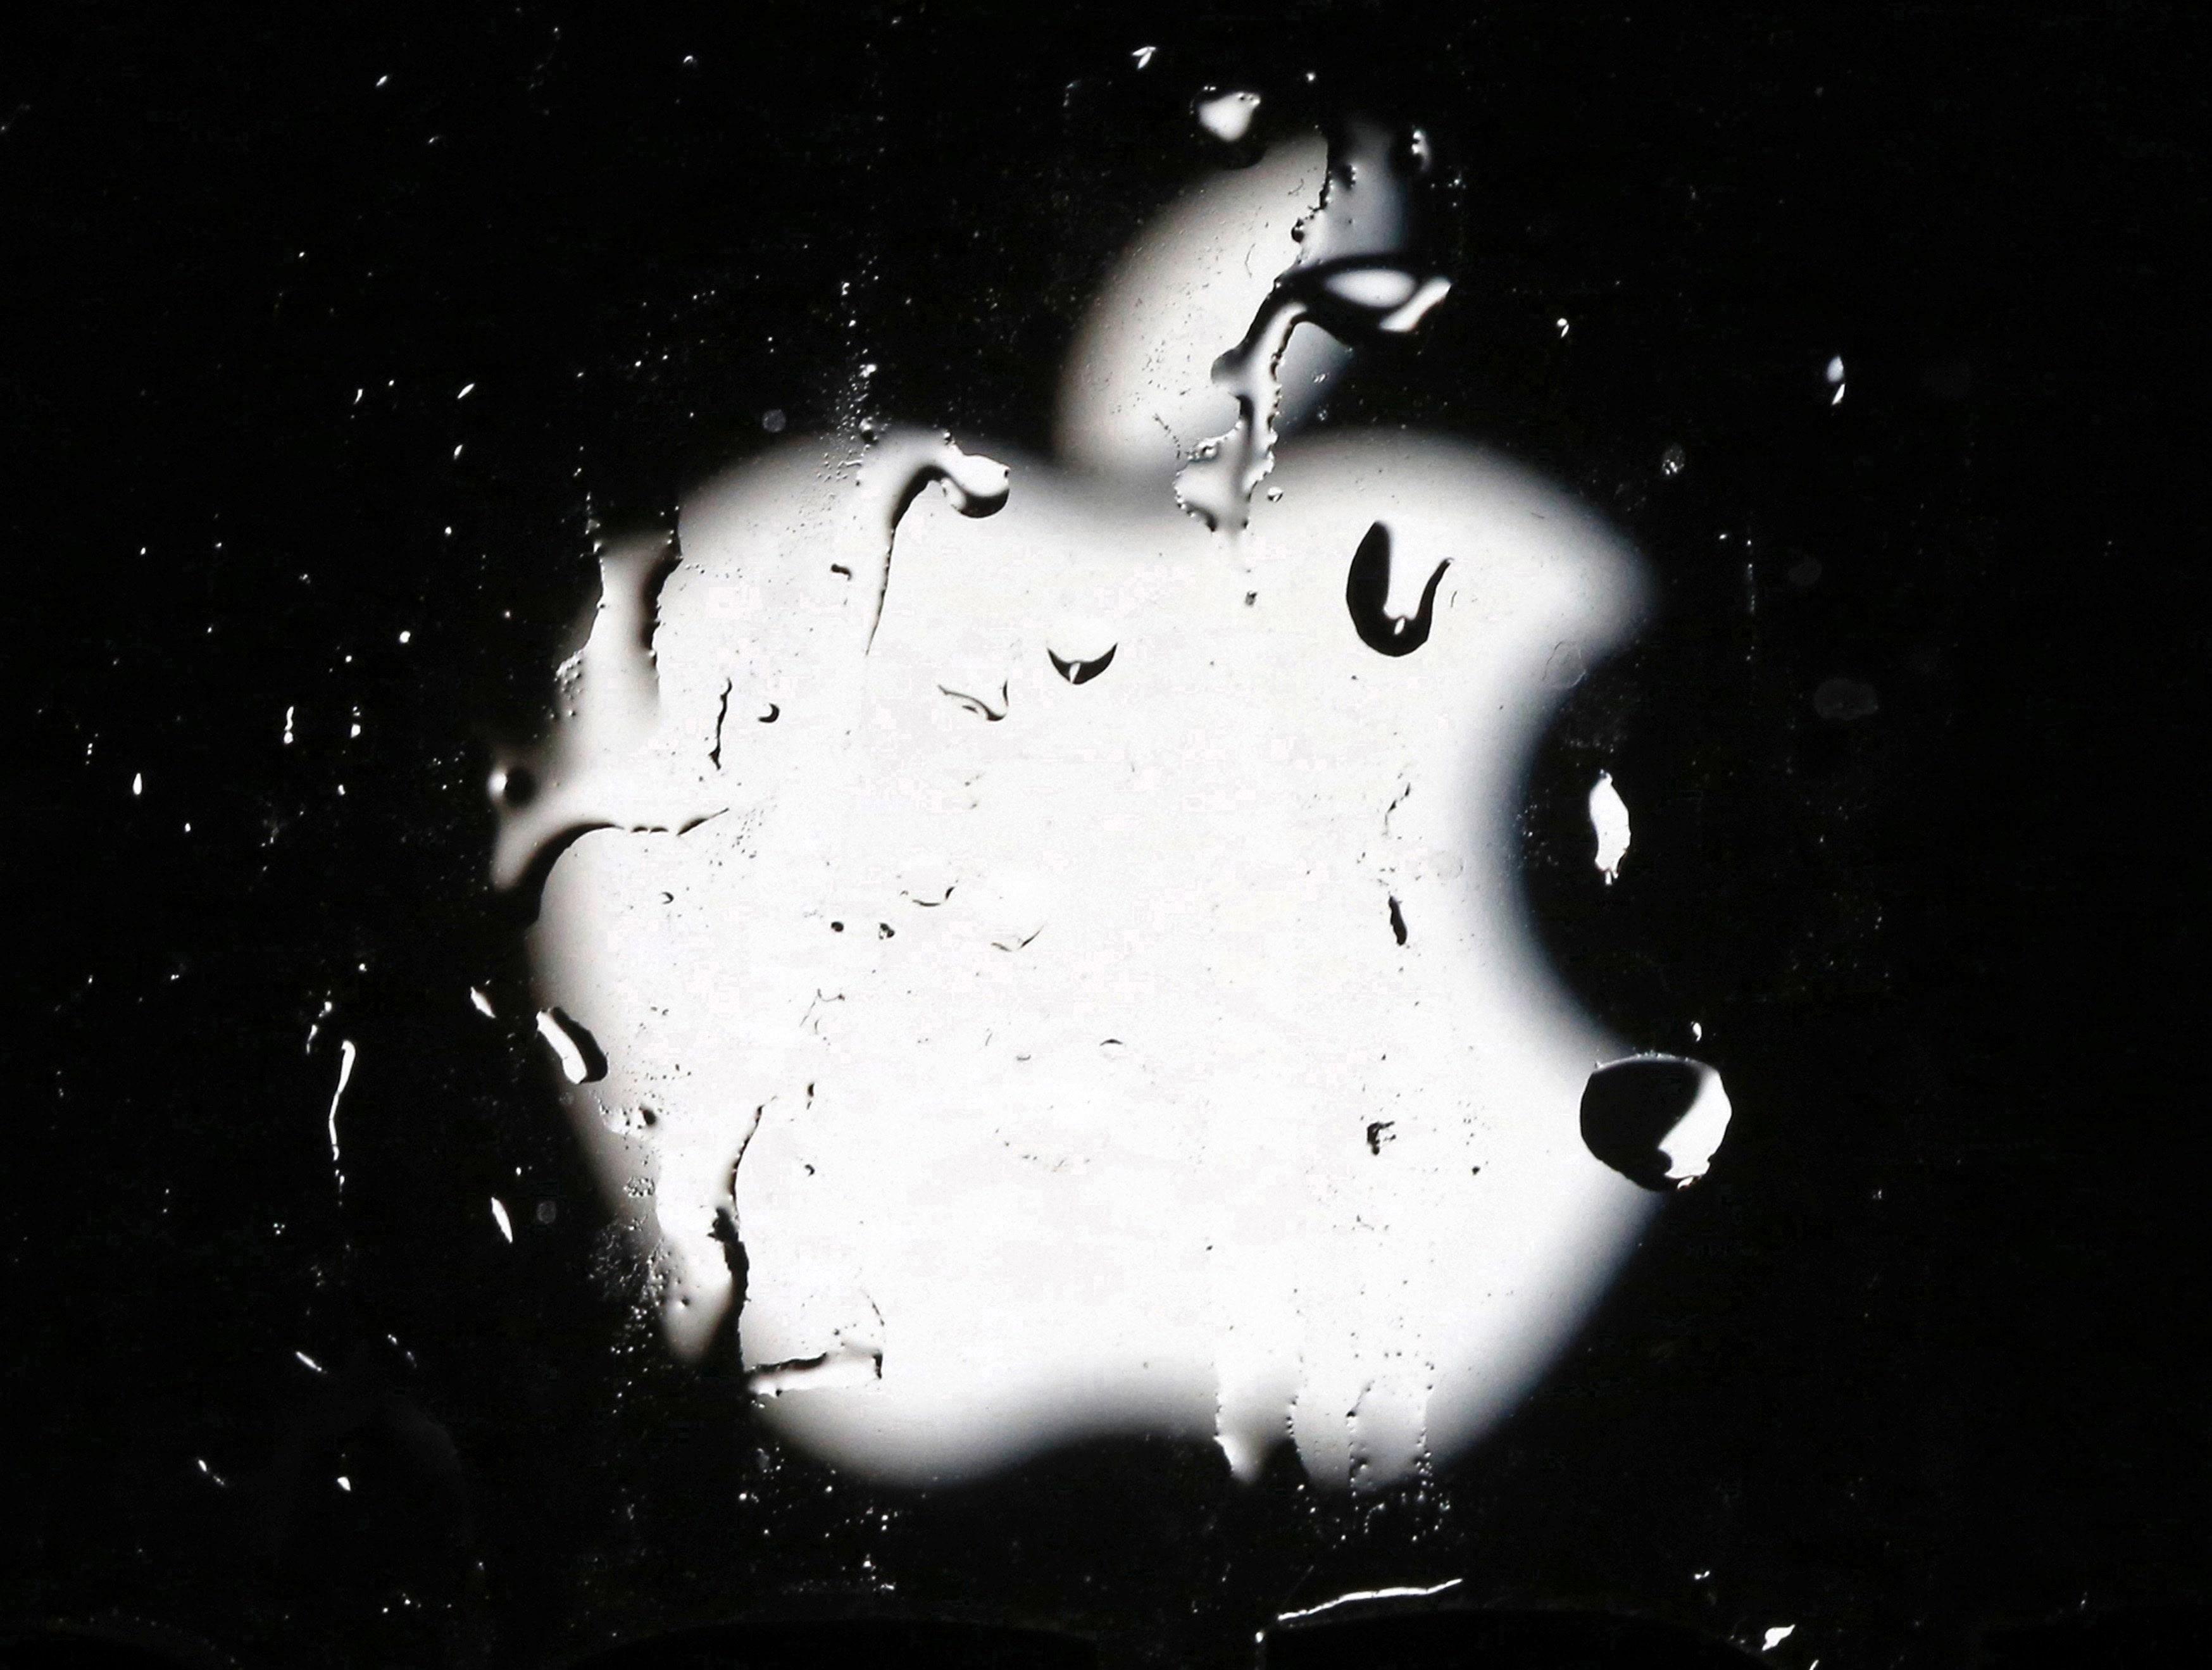 Η Apple κλείνει προσωρινά τα καταστήματα λιανικής πώλησης έξω από την Κίνα σε απάντηση της εστίας